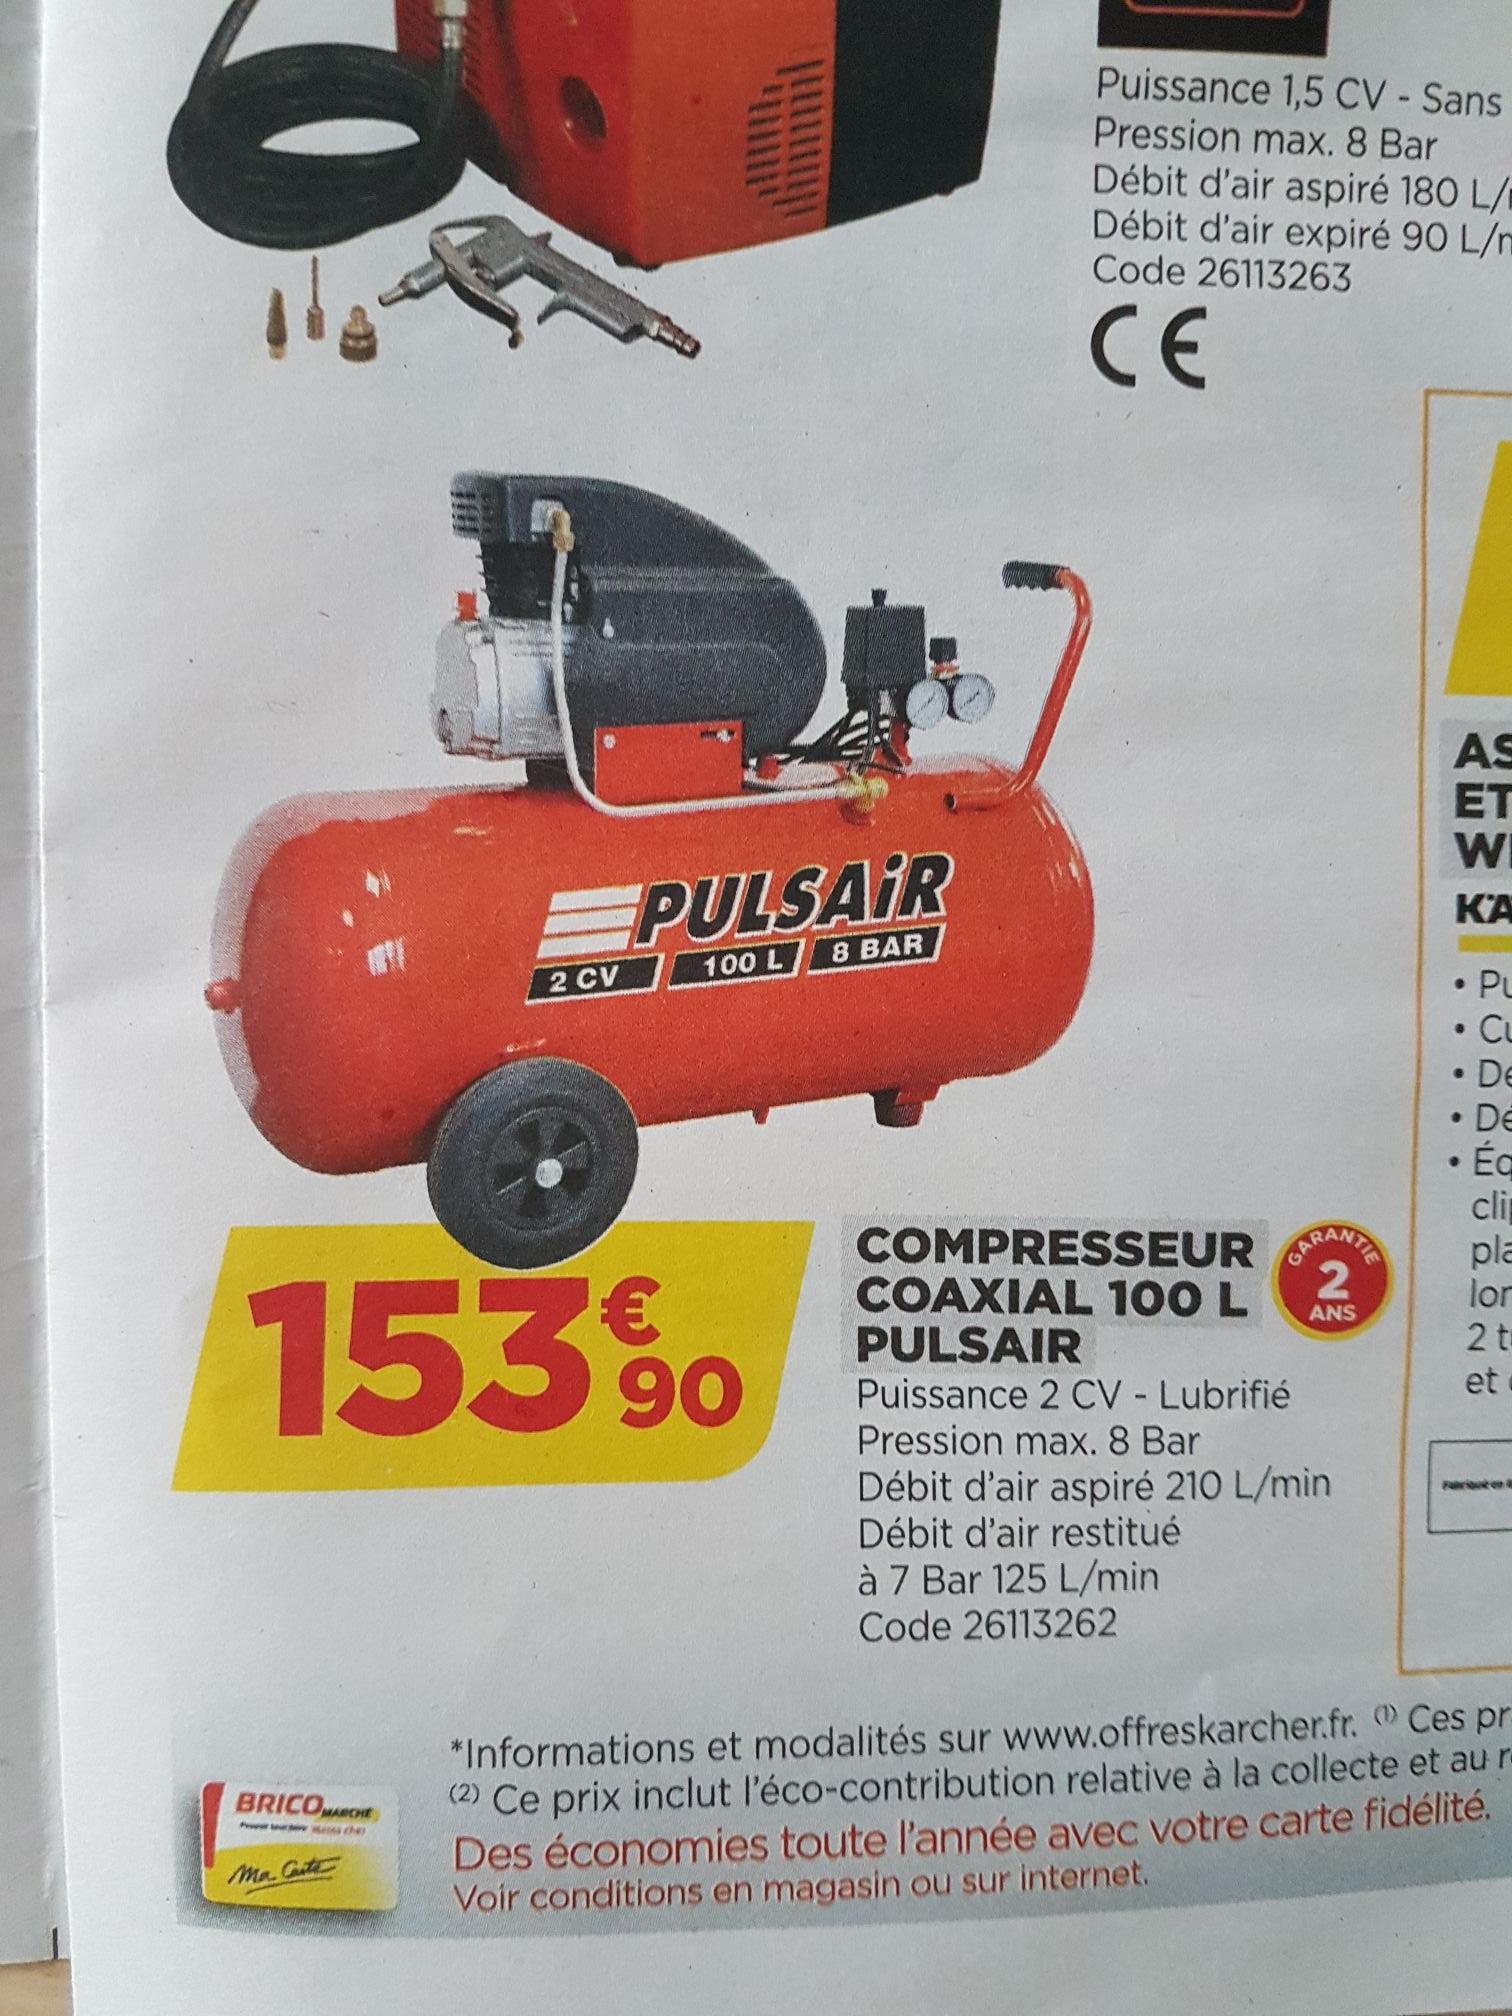 Compresseur Coaxial Pulsair - 100l